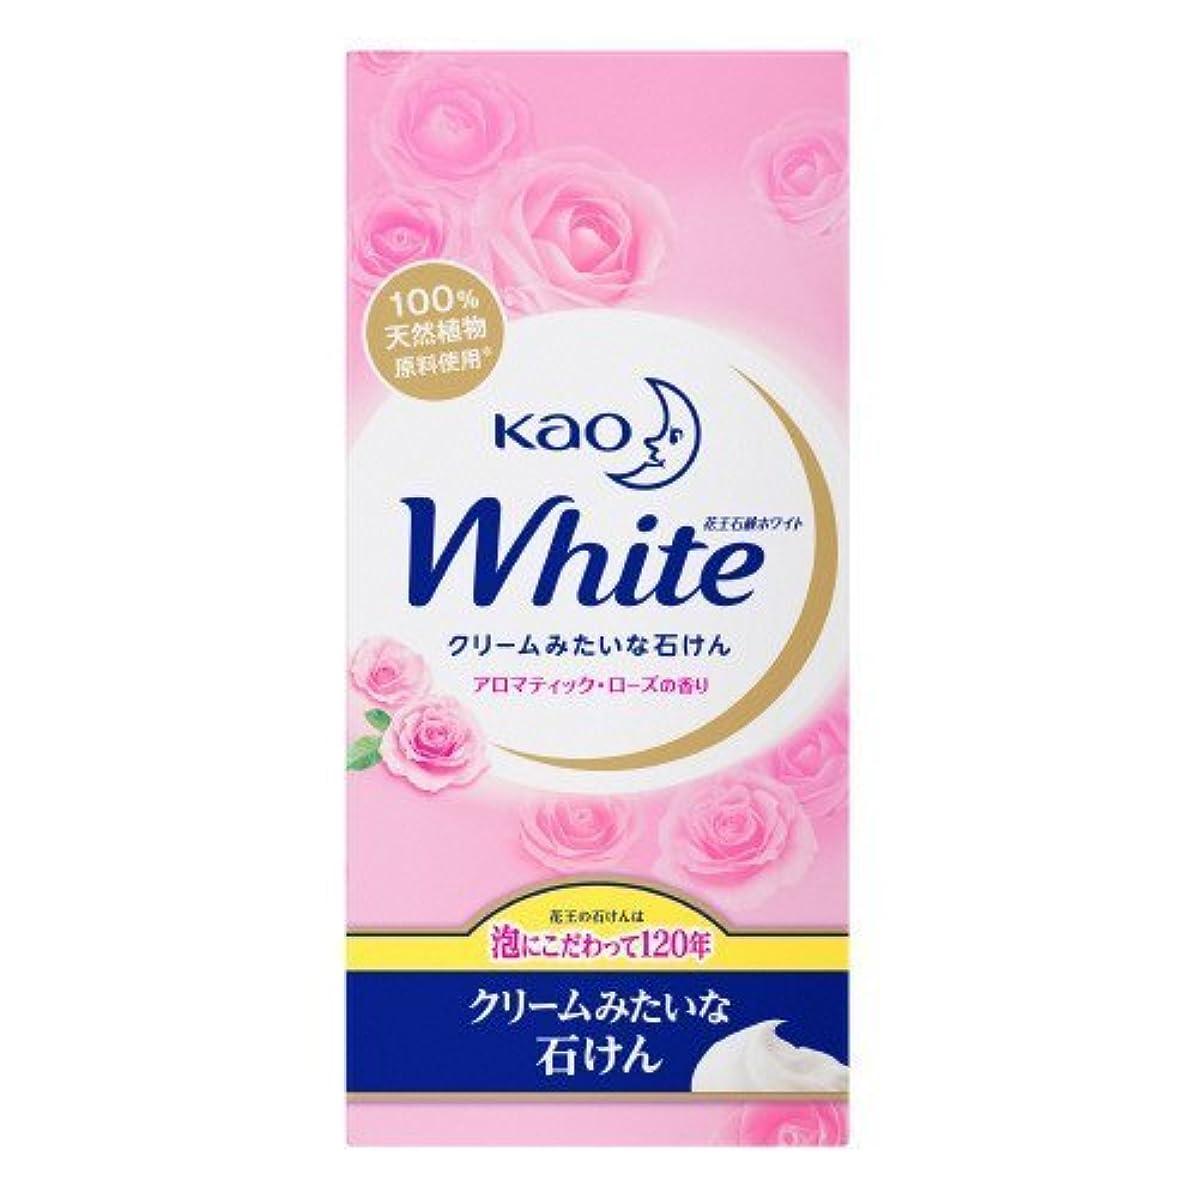 のれんベスビオ山励起【花王】花王ホワイト アロマティックローズの香りレギュラーサイズ (85g×6個) ×10個セット